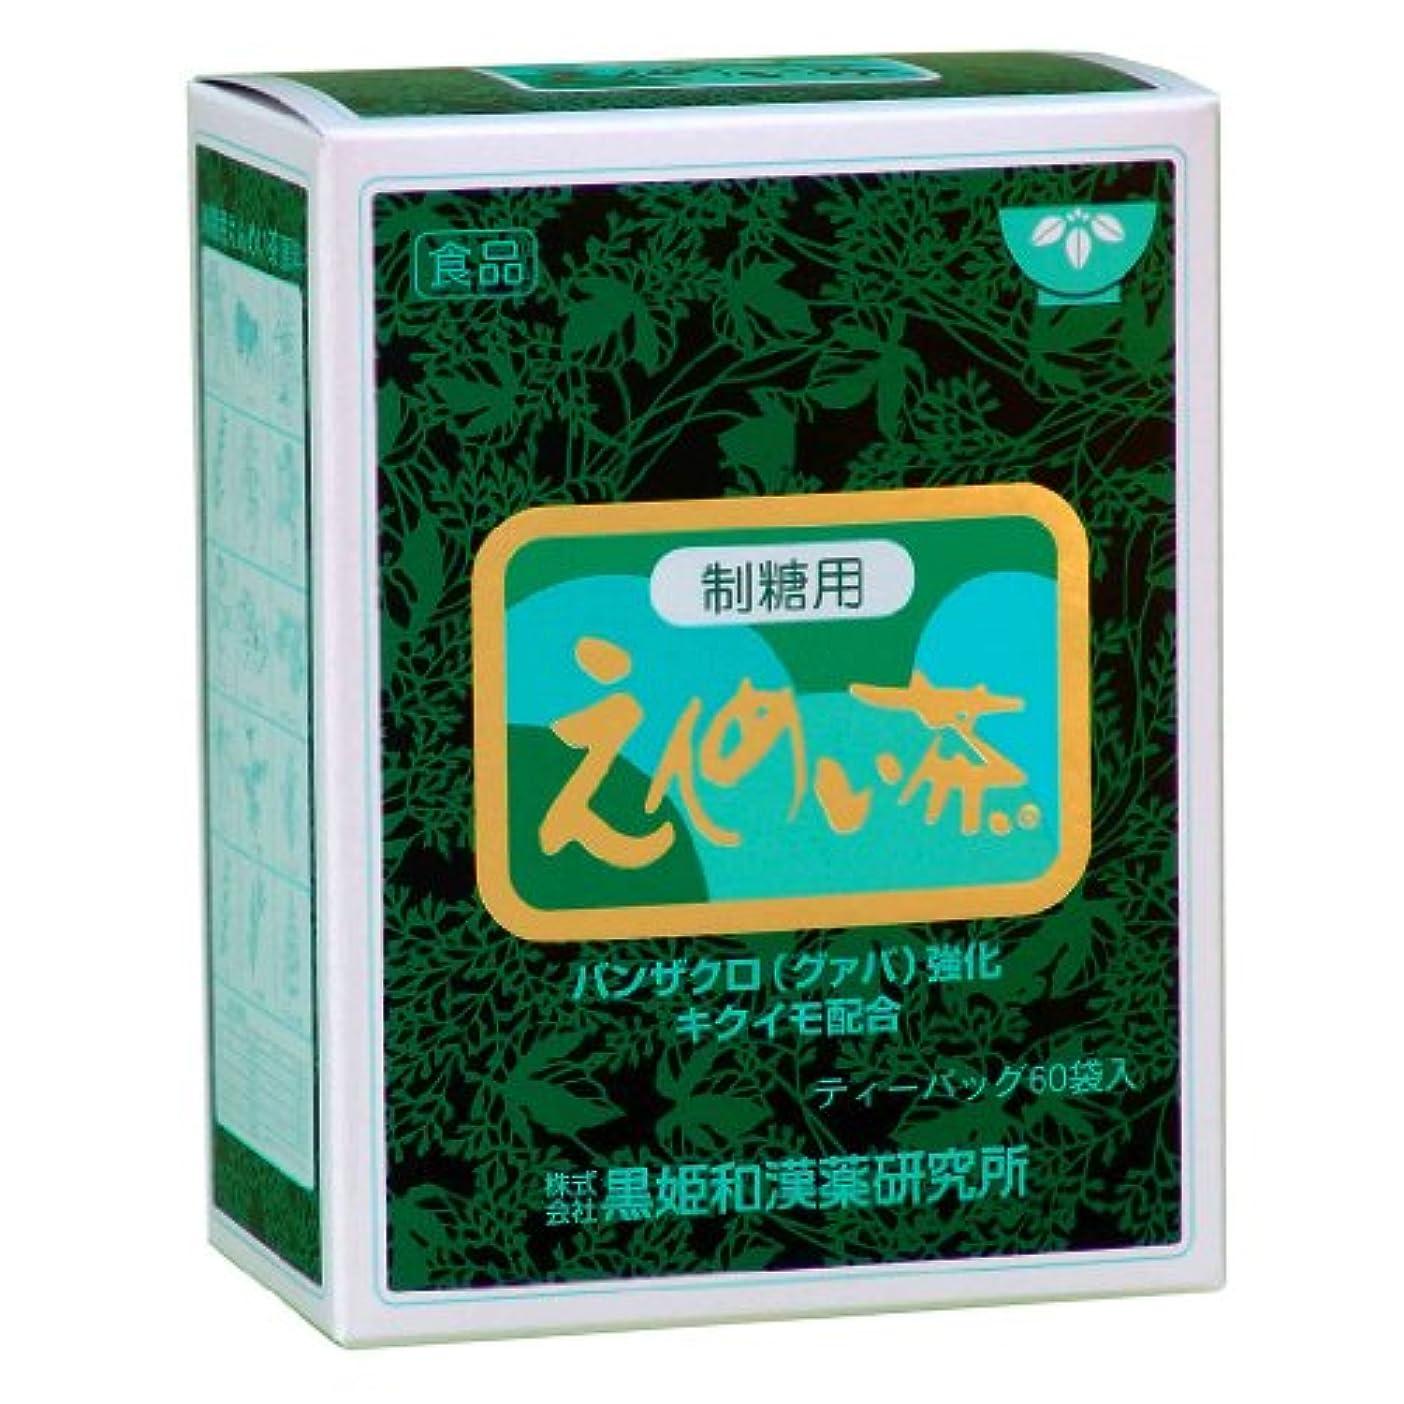 ディーラー鳥誤ってユニマットリケン 黒姫えんめい茶制糖用 5gx60包